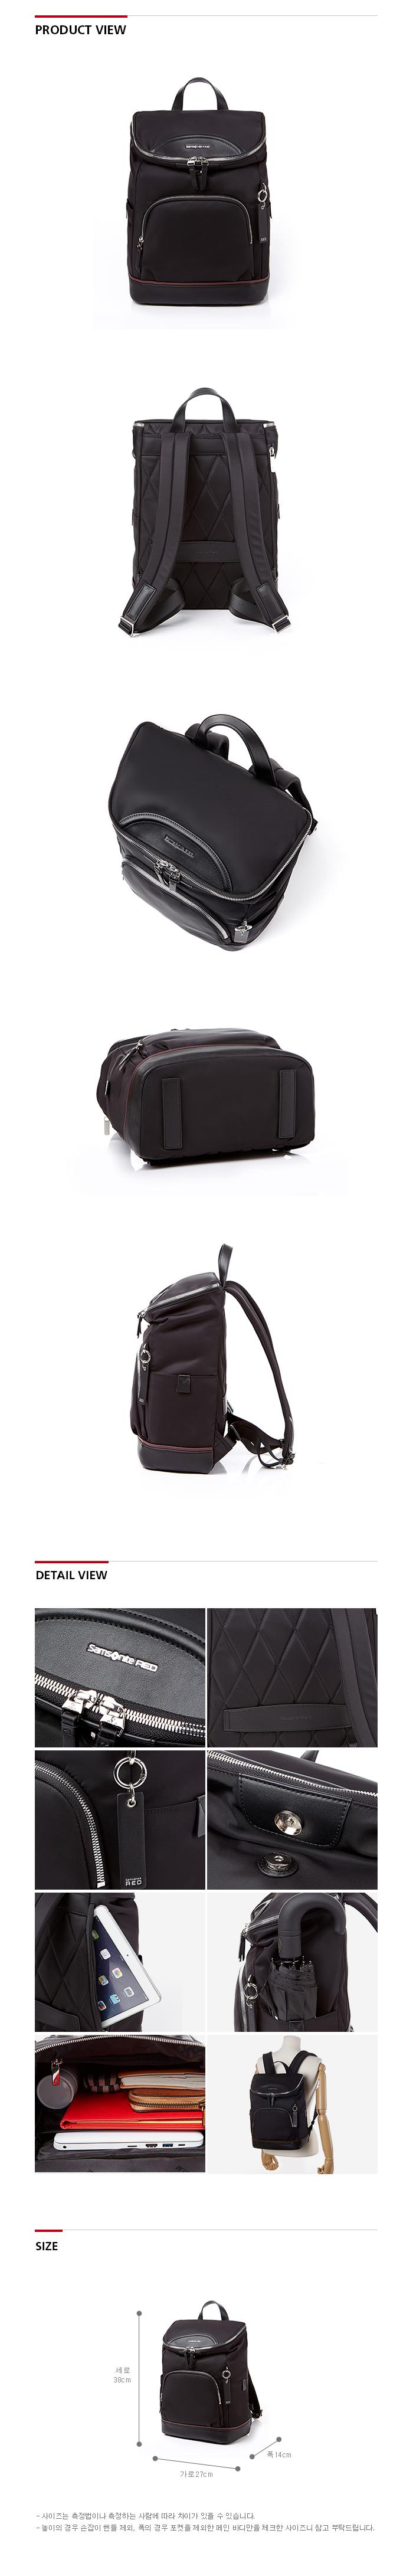 쌤소나이트 레드(SAMSONITE RED) ELTEAN 백팩 BLACK GU209001